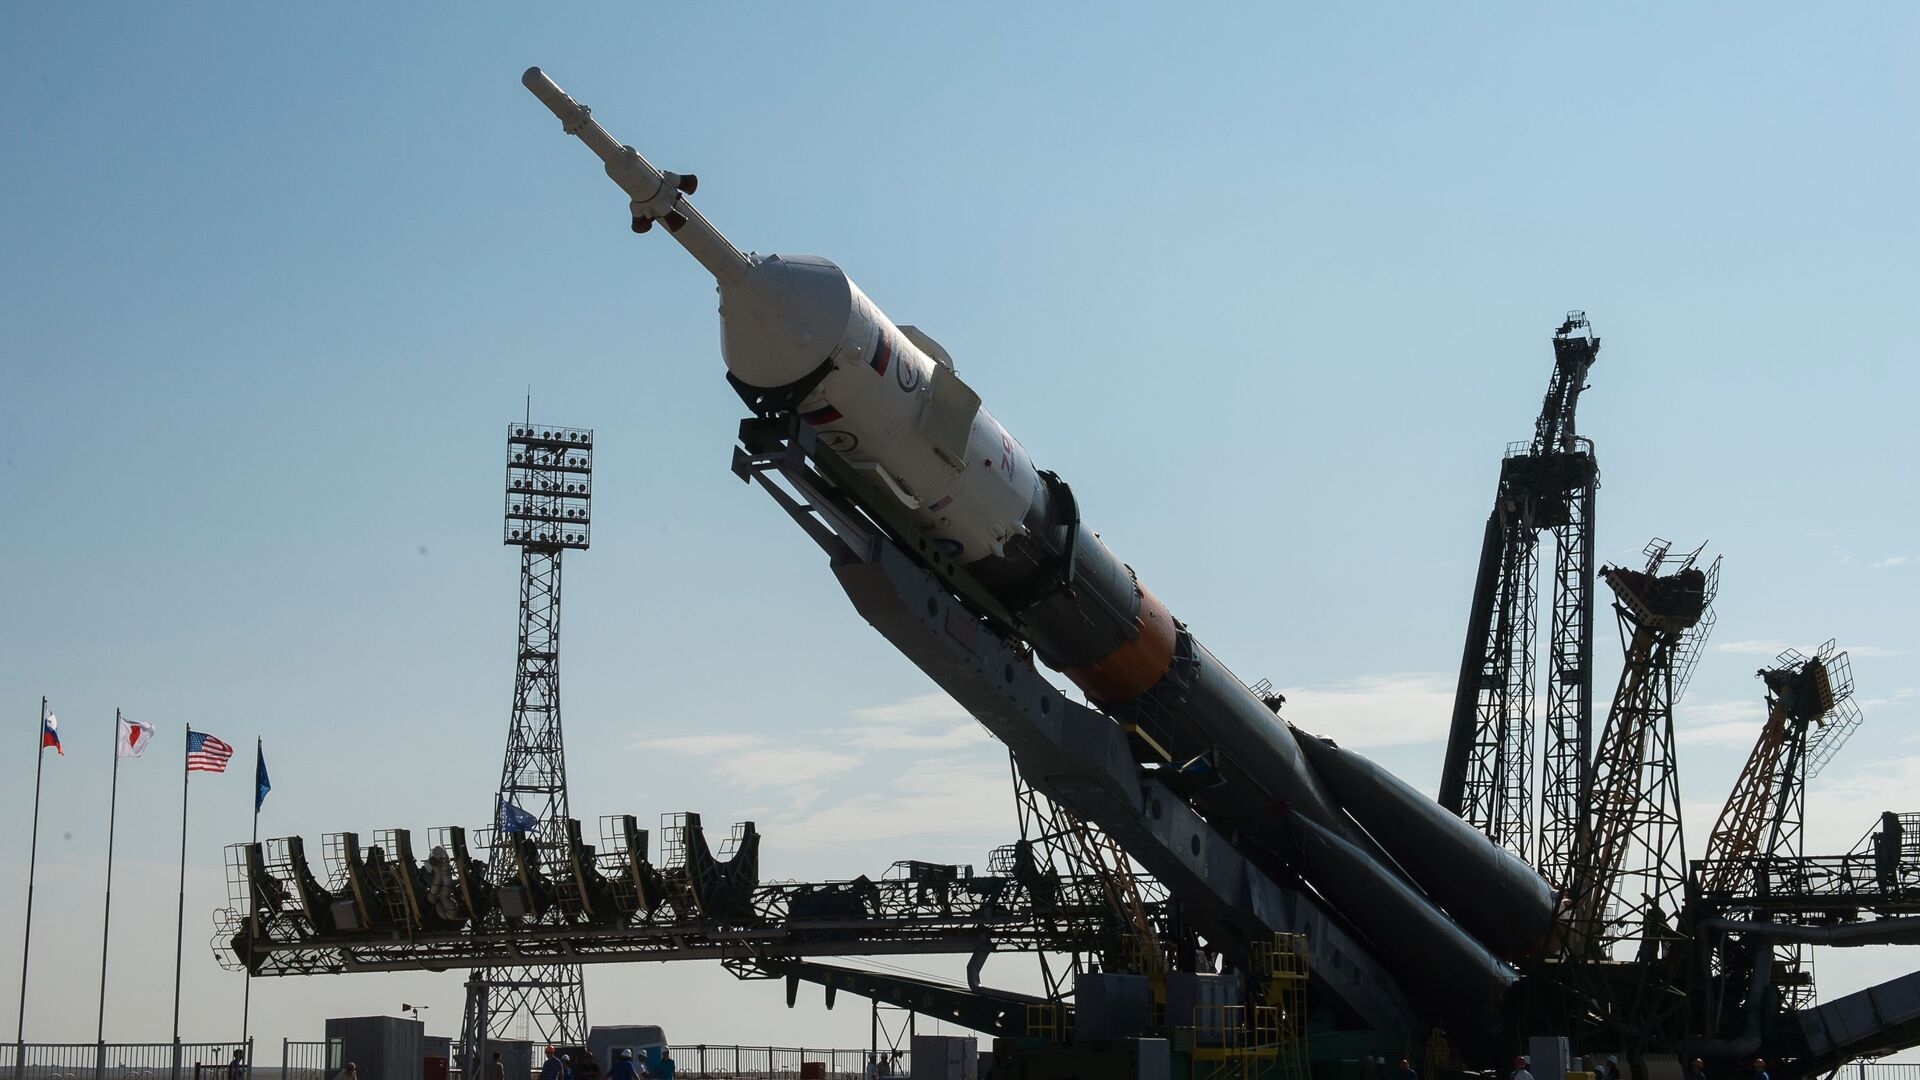 Un cohete portador Soyuz-FG en el cosmódromo de Baikonur (archivo) - Sputnik Mundo, 1920, 04.10.2020